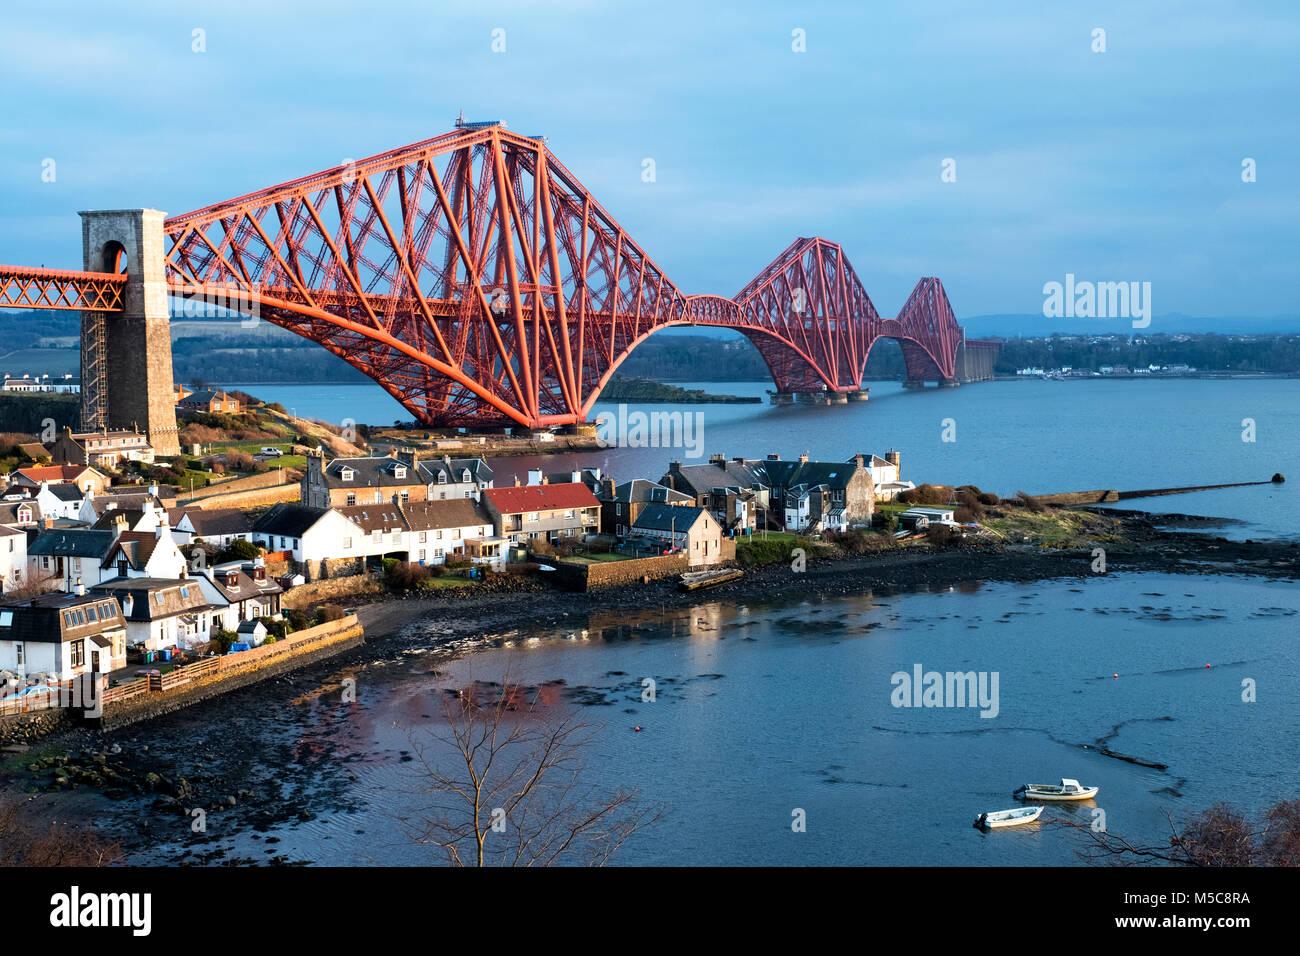 El puente ferroviario de Forth vistos desde North Queensferry abarca el Firth of Forth entre North y South Queensferry, Imagen De Stock